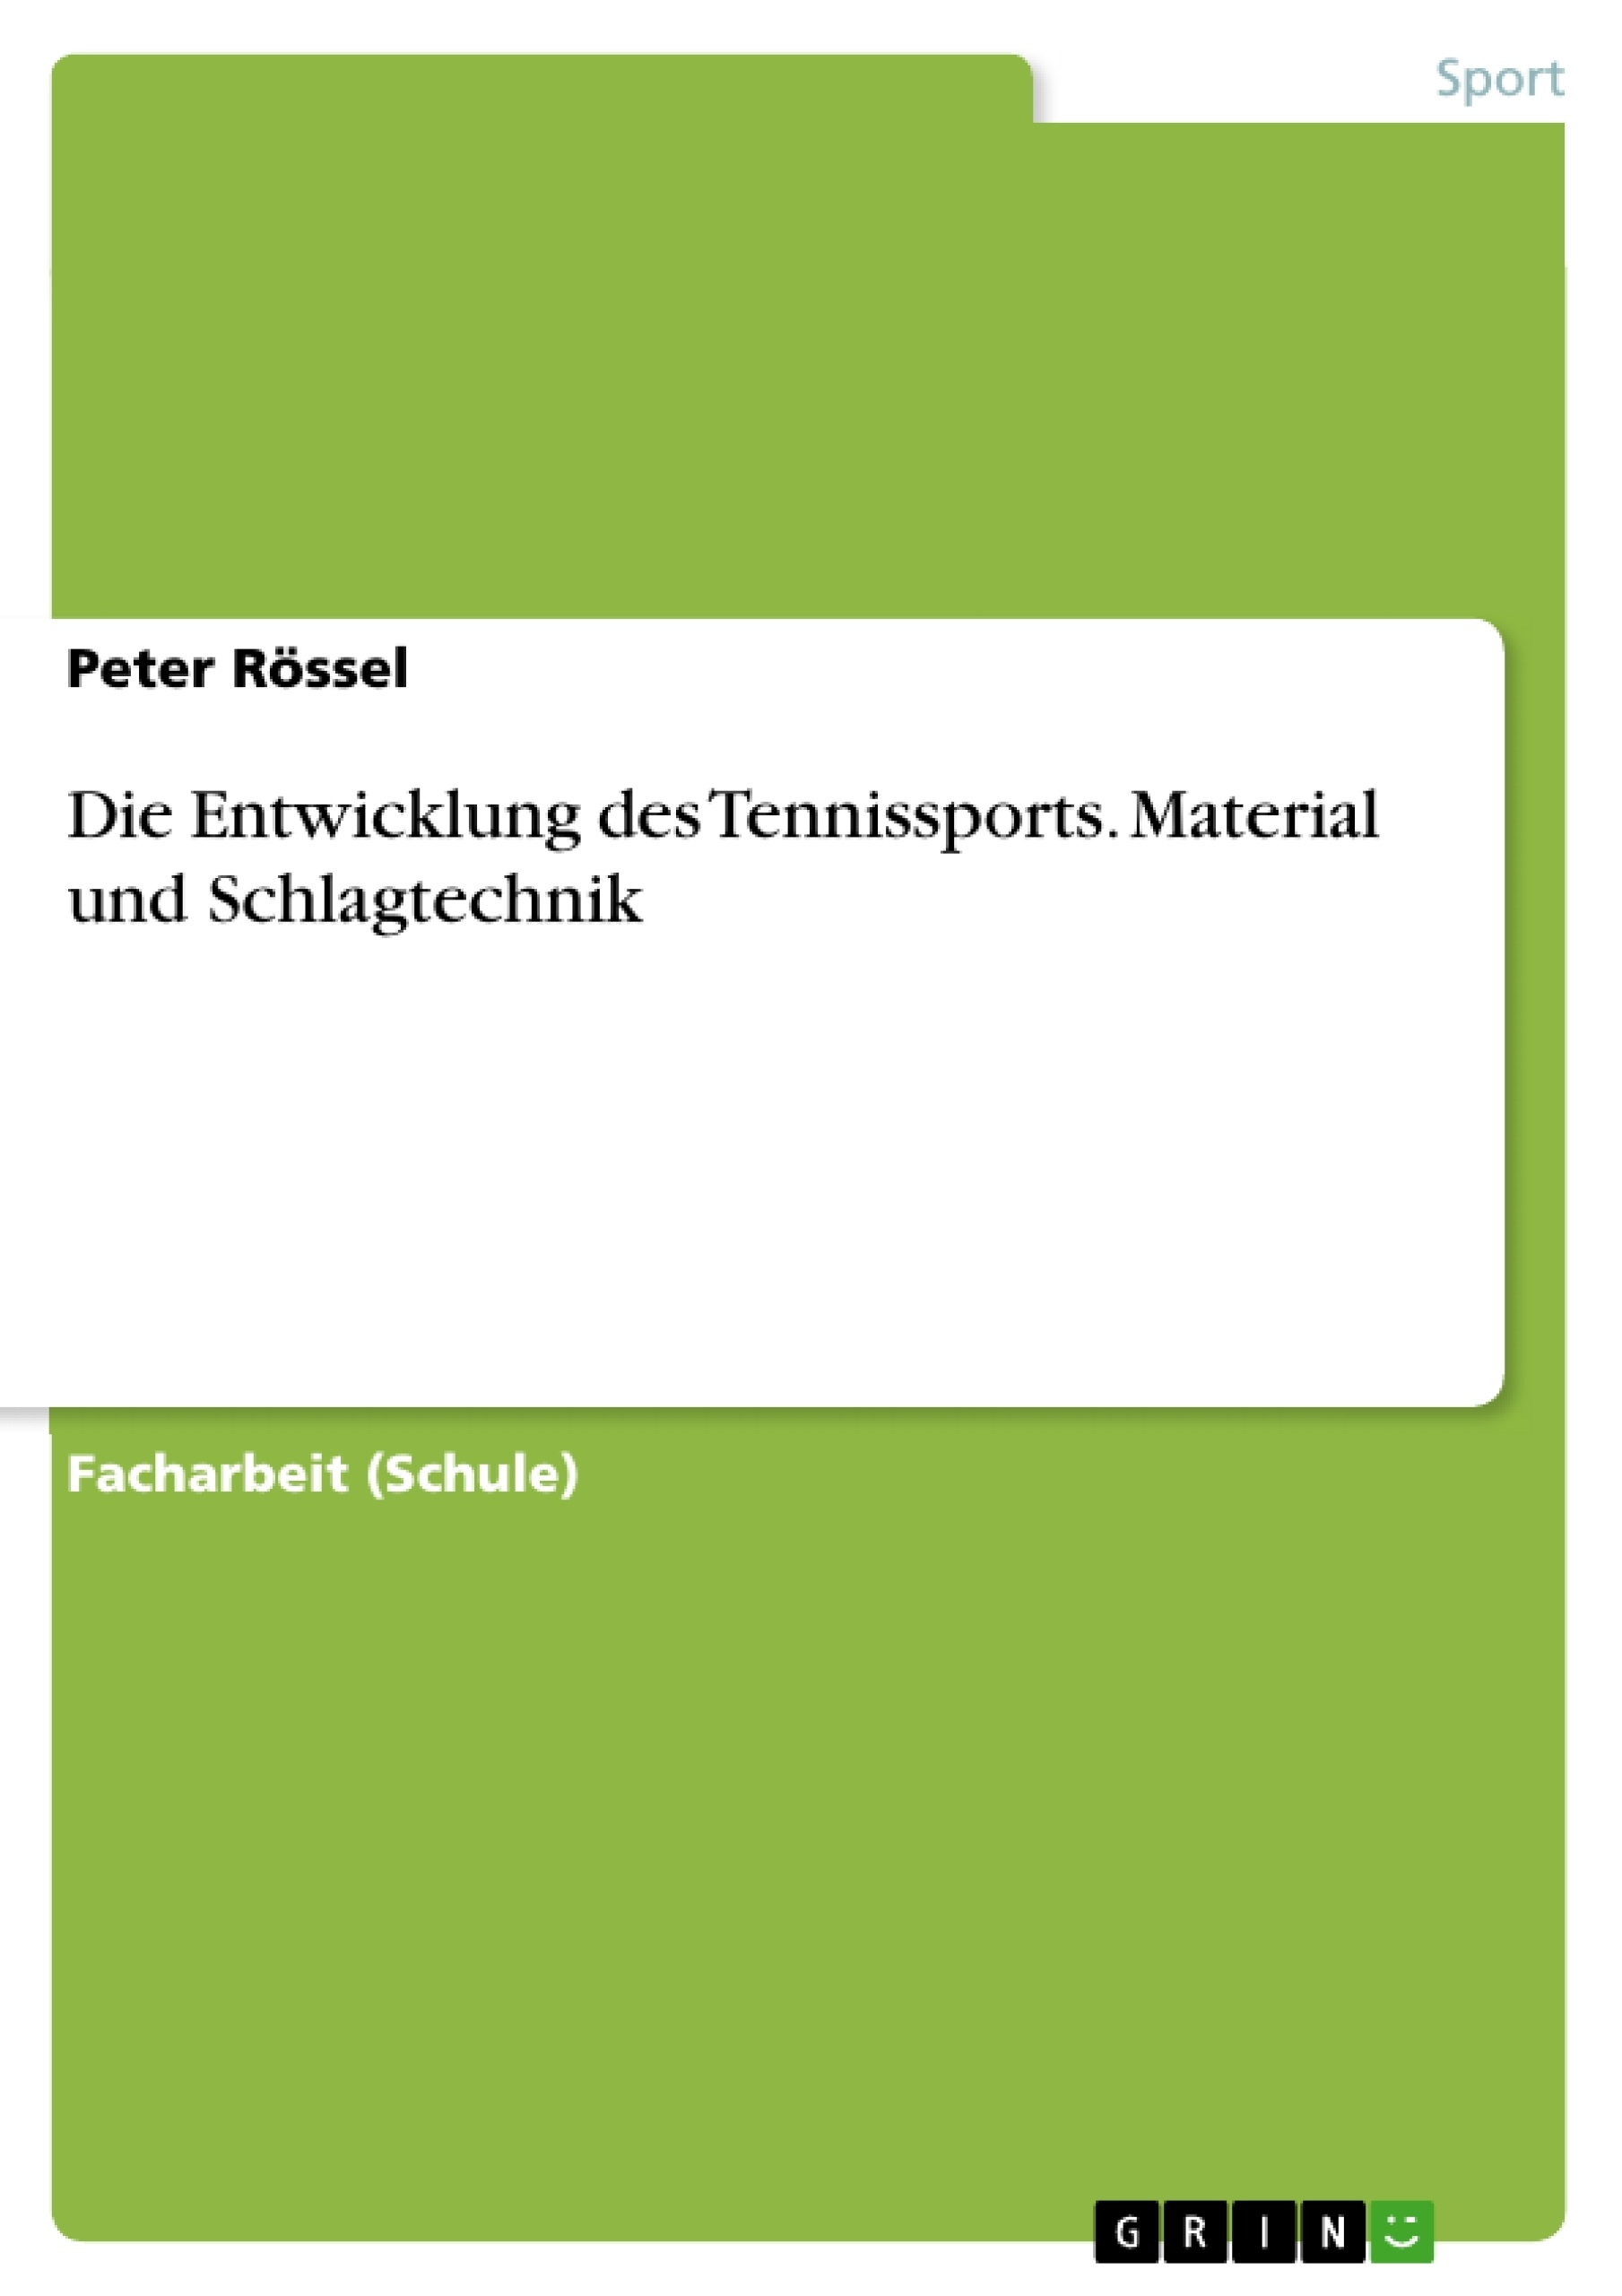 Titel: Die Entwicklung des Tennissports. Material und Schlagtechnik